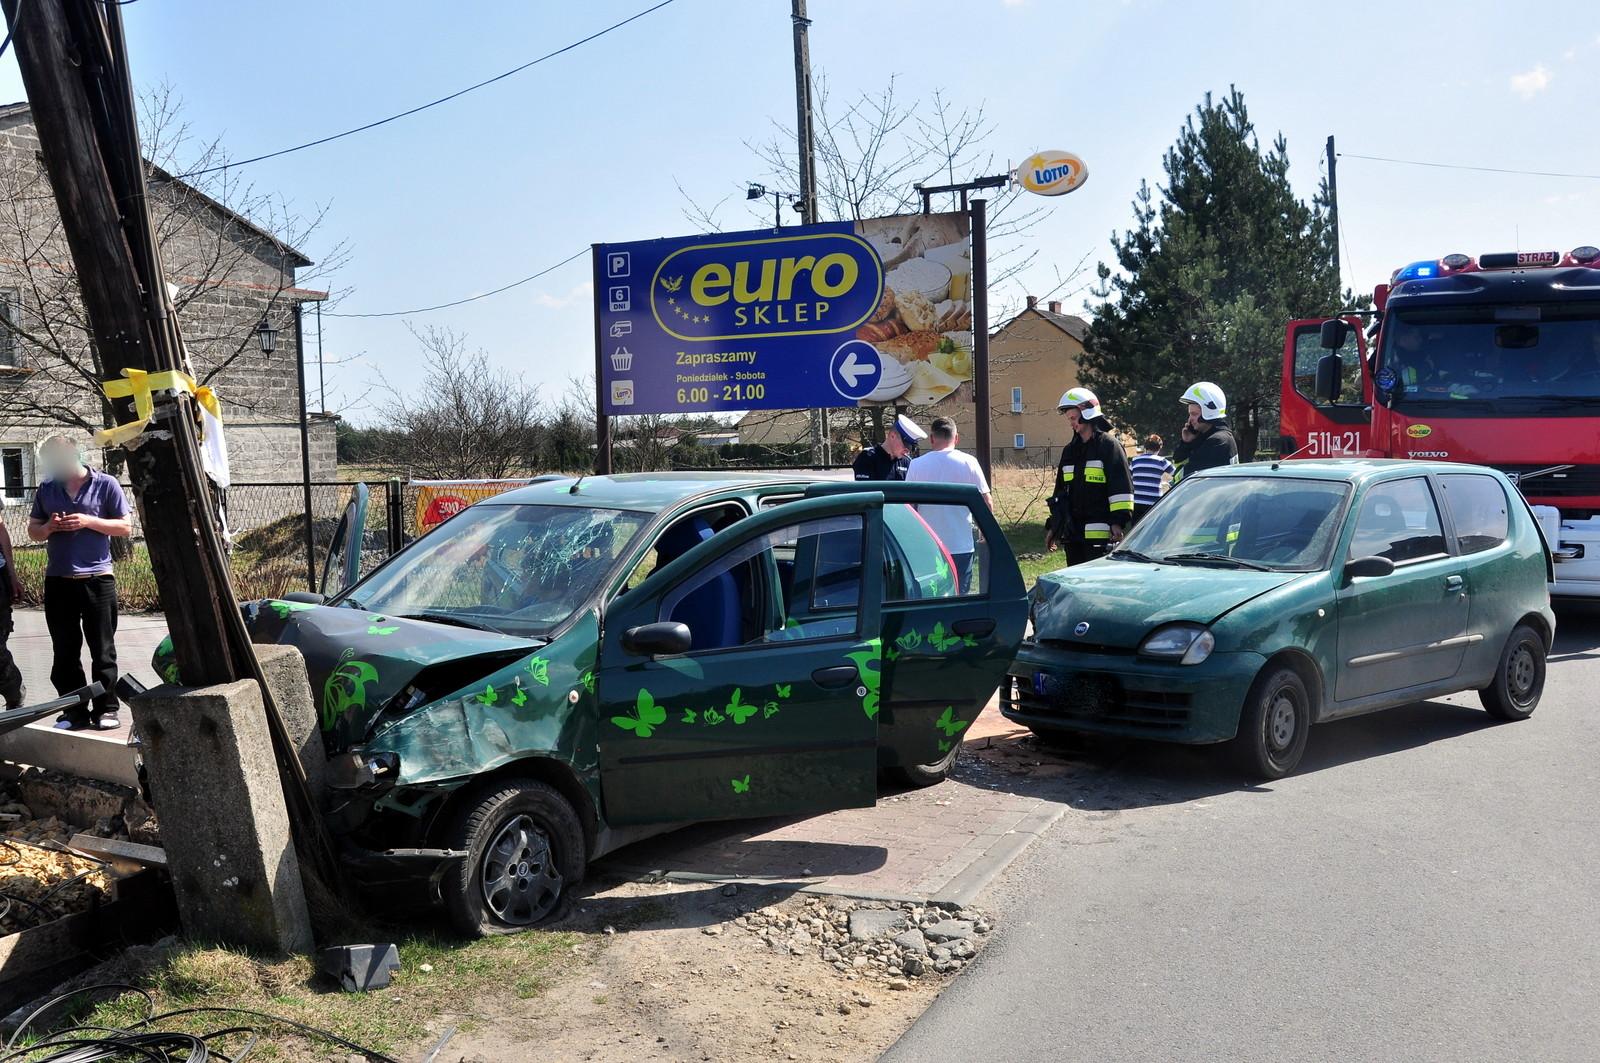 W Gorzowie sprawca wypadku uciekł z miejsca zdarzenia. Fot. Szymon Chabior